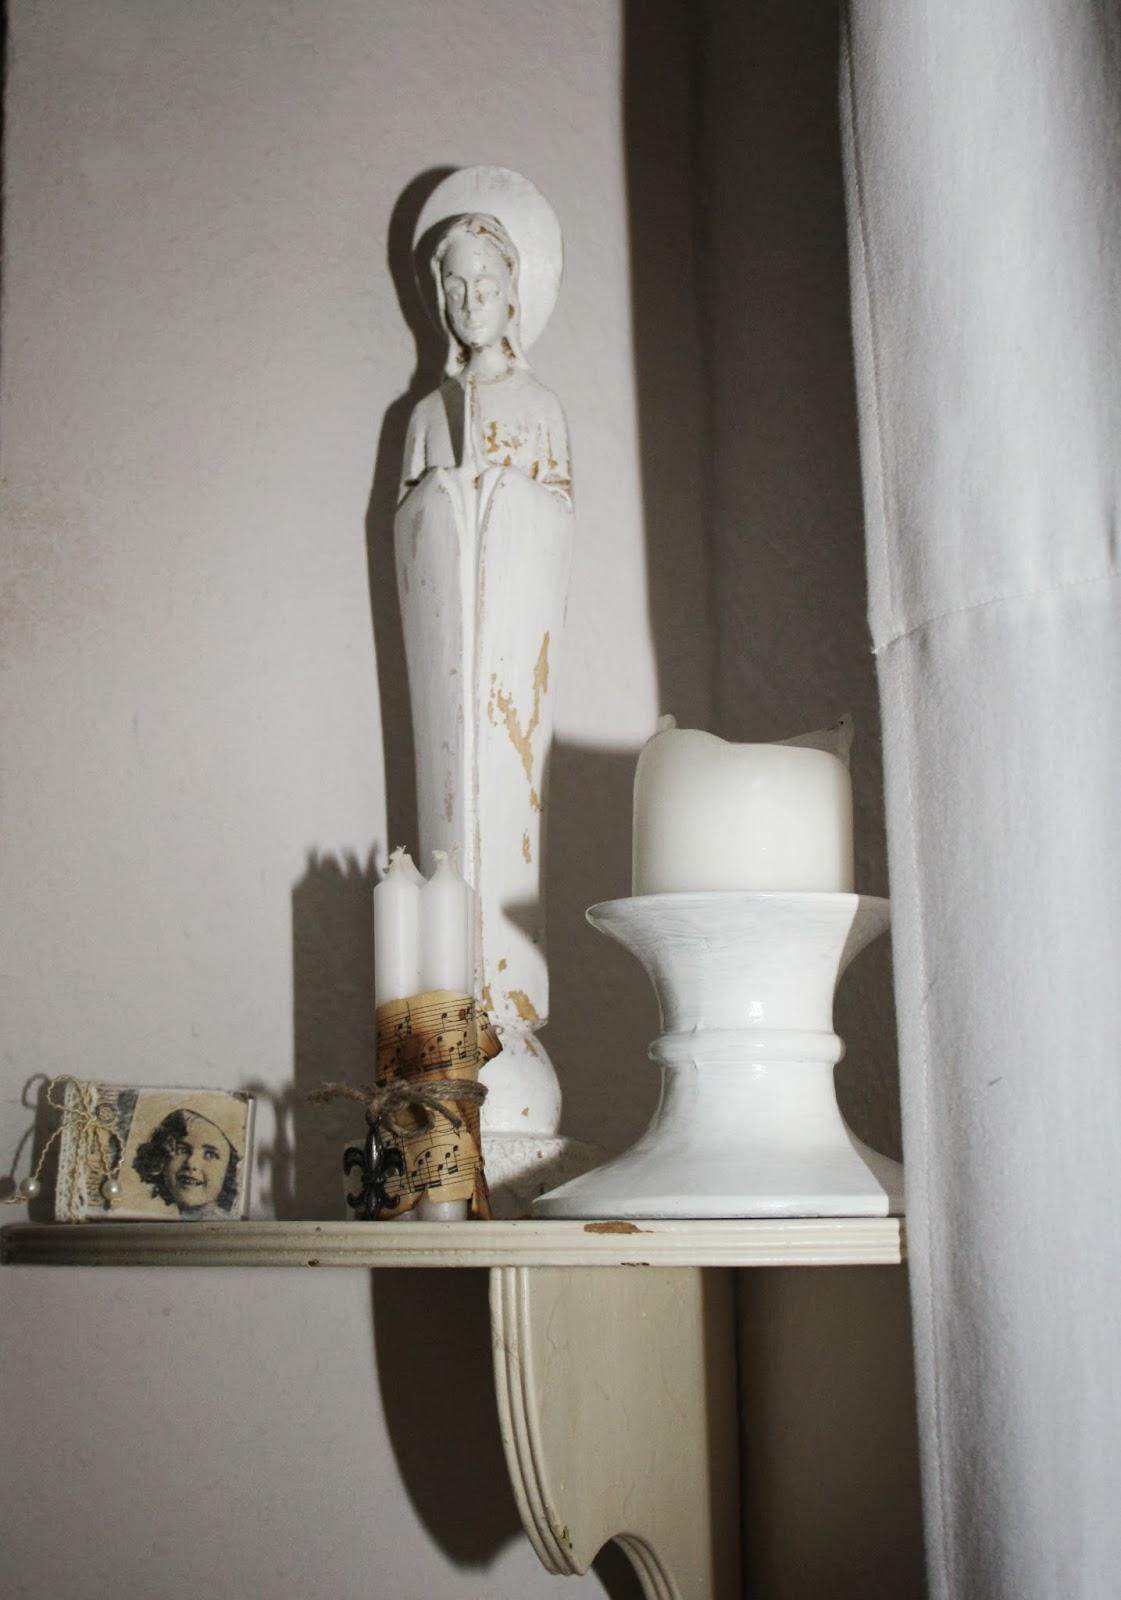 feuersonnenblume neue farbe braucht die wand. Black Bedroom Furniture Sets. Home Design Ideas